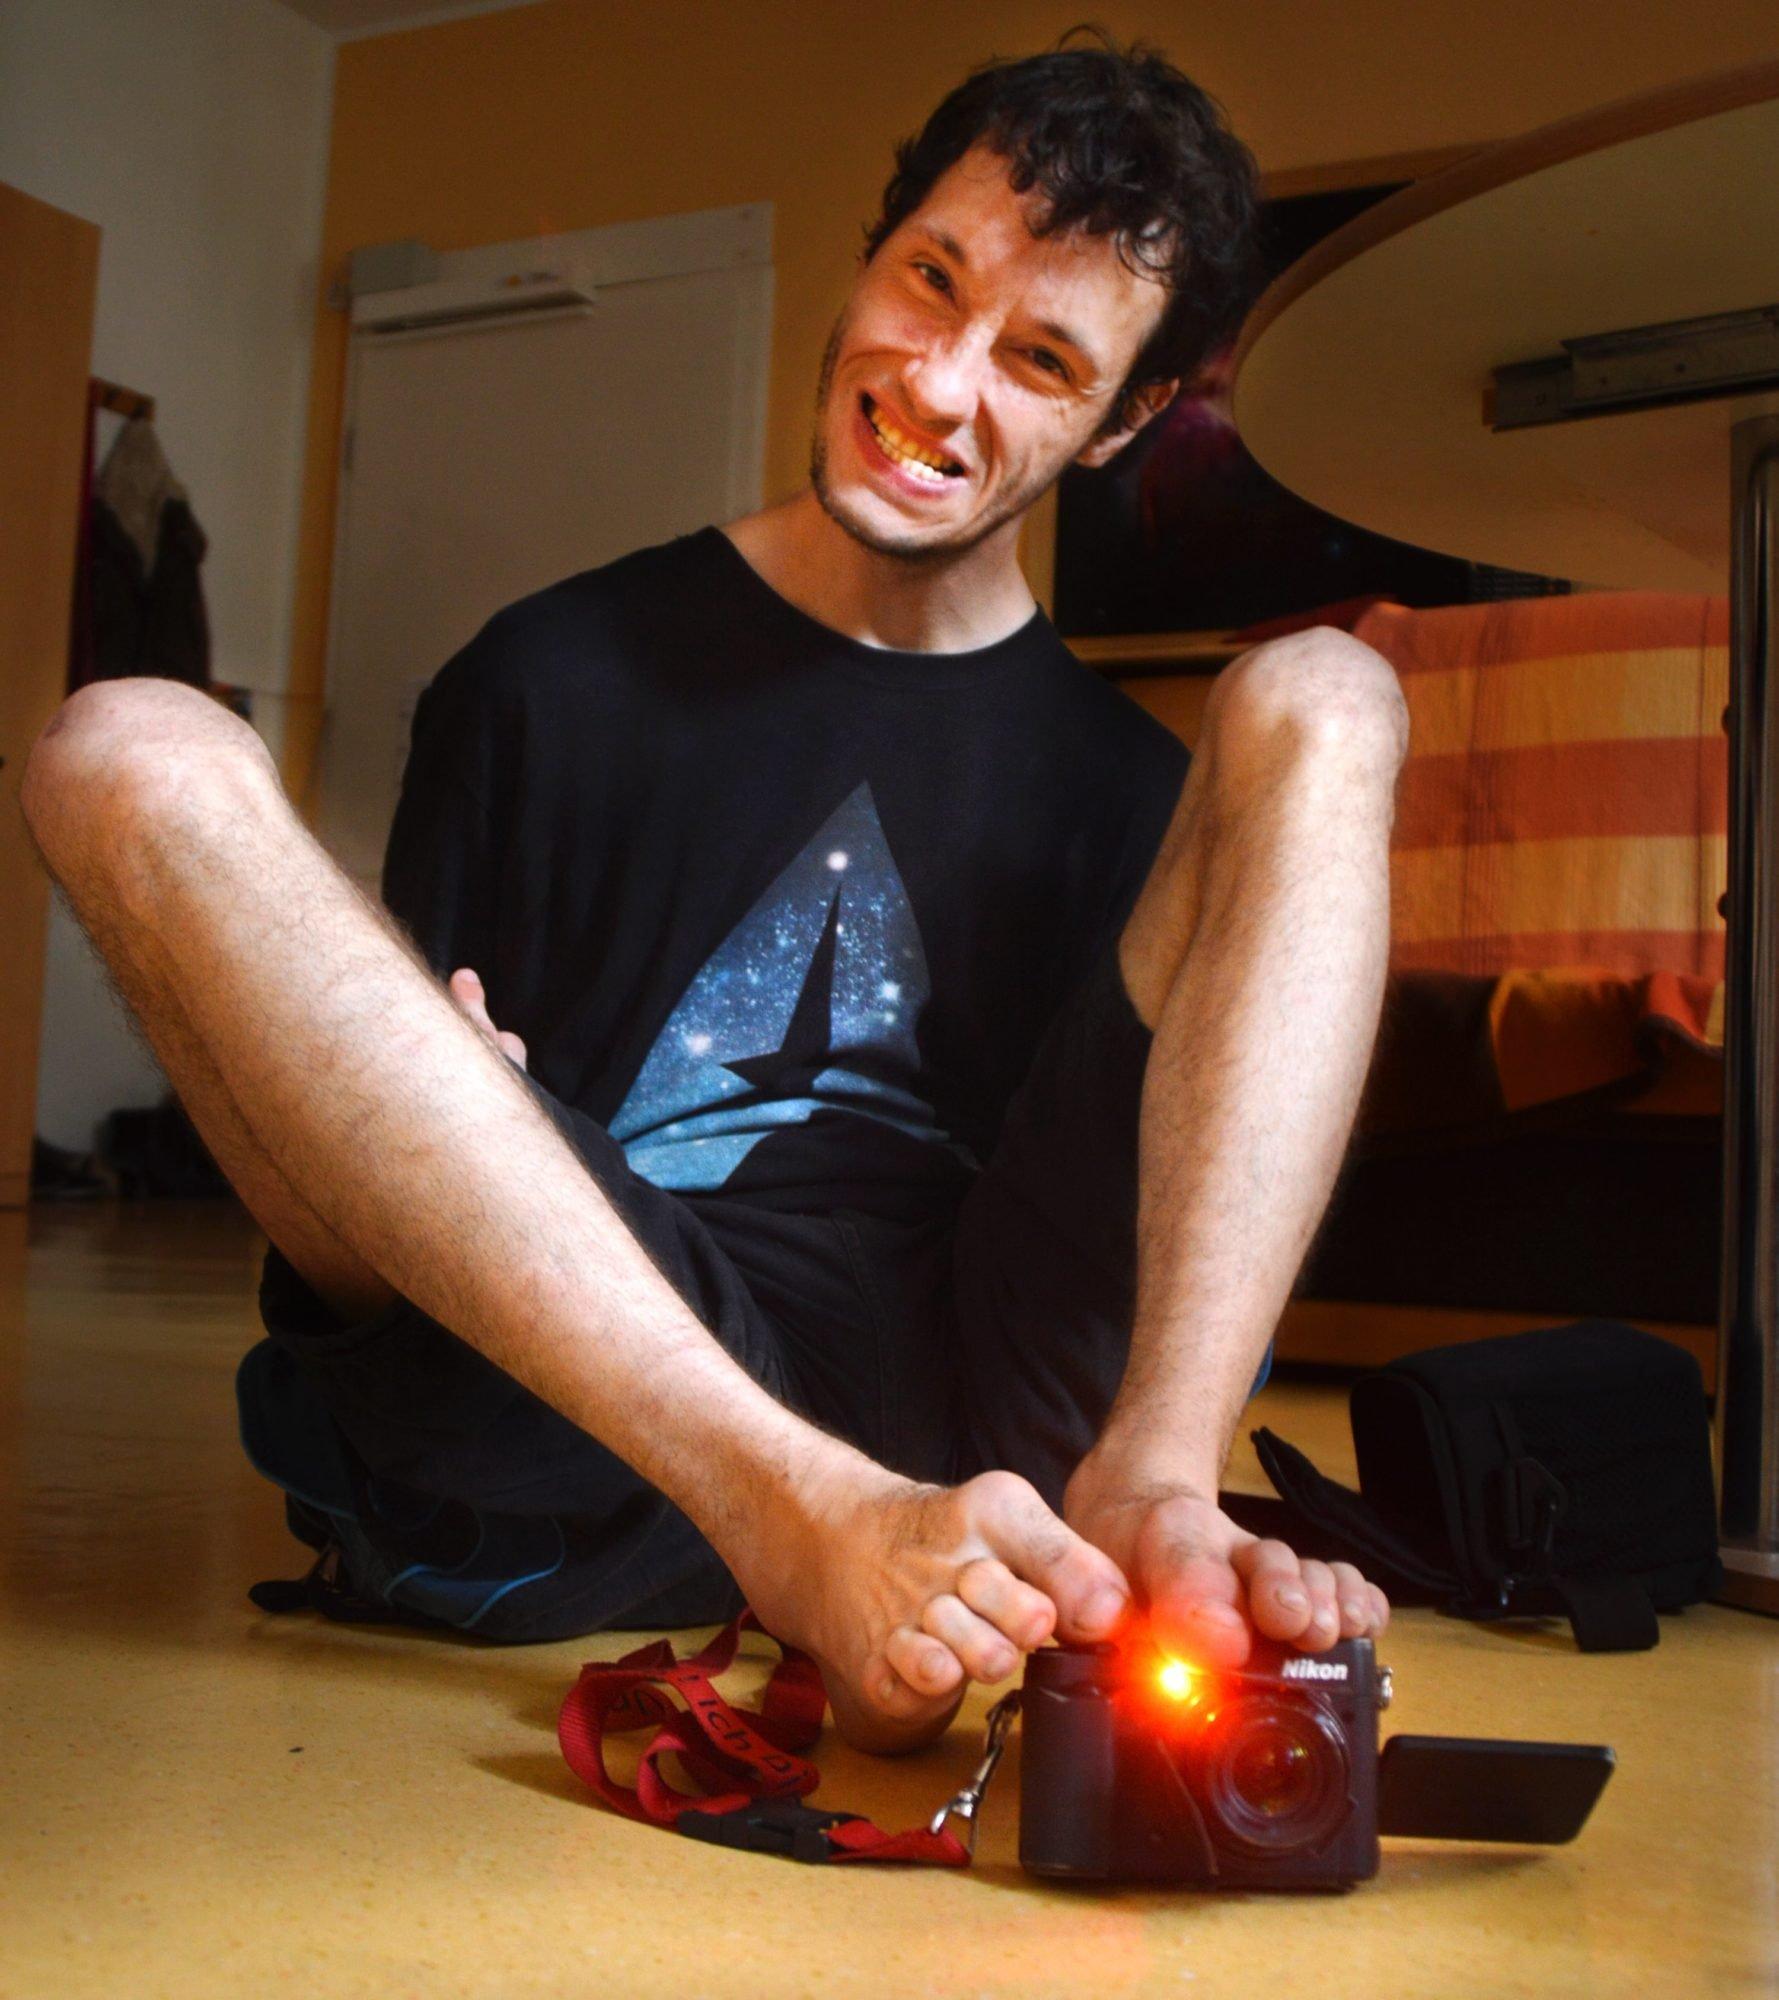 Fotograf Sven Kocar, lachend auf dem Fußboden seiner Wohnung sitzend, in seinen Füßen eine Digitalkamera, deren rotes aufnahmelämpchen leuchtet